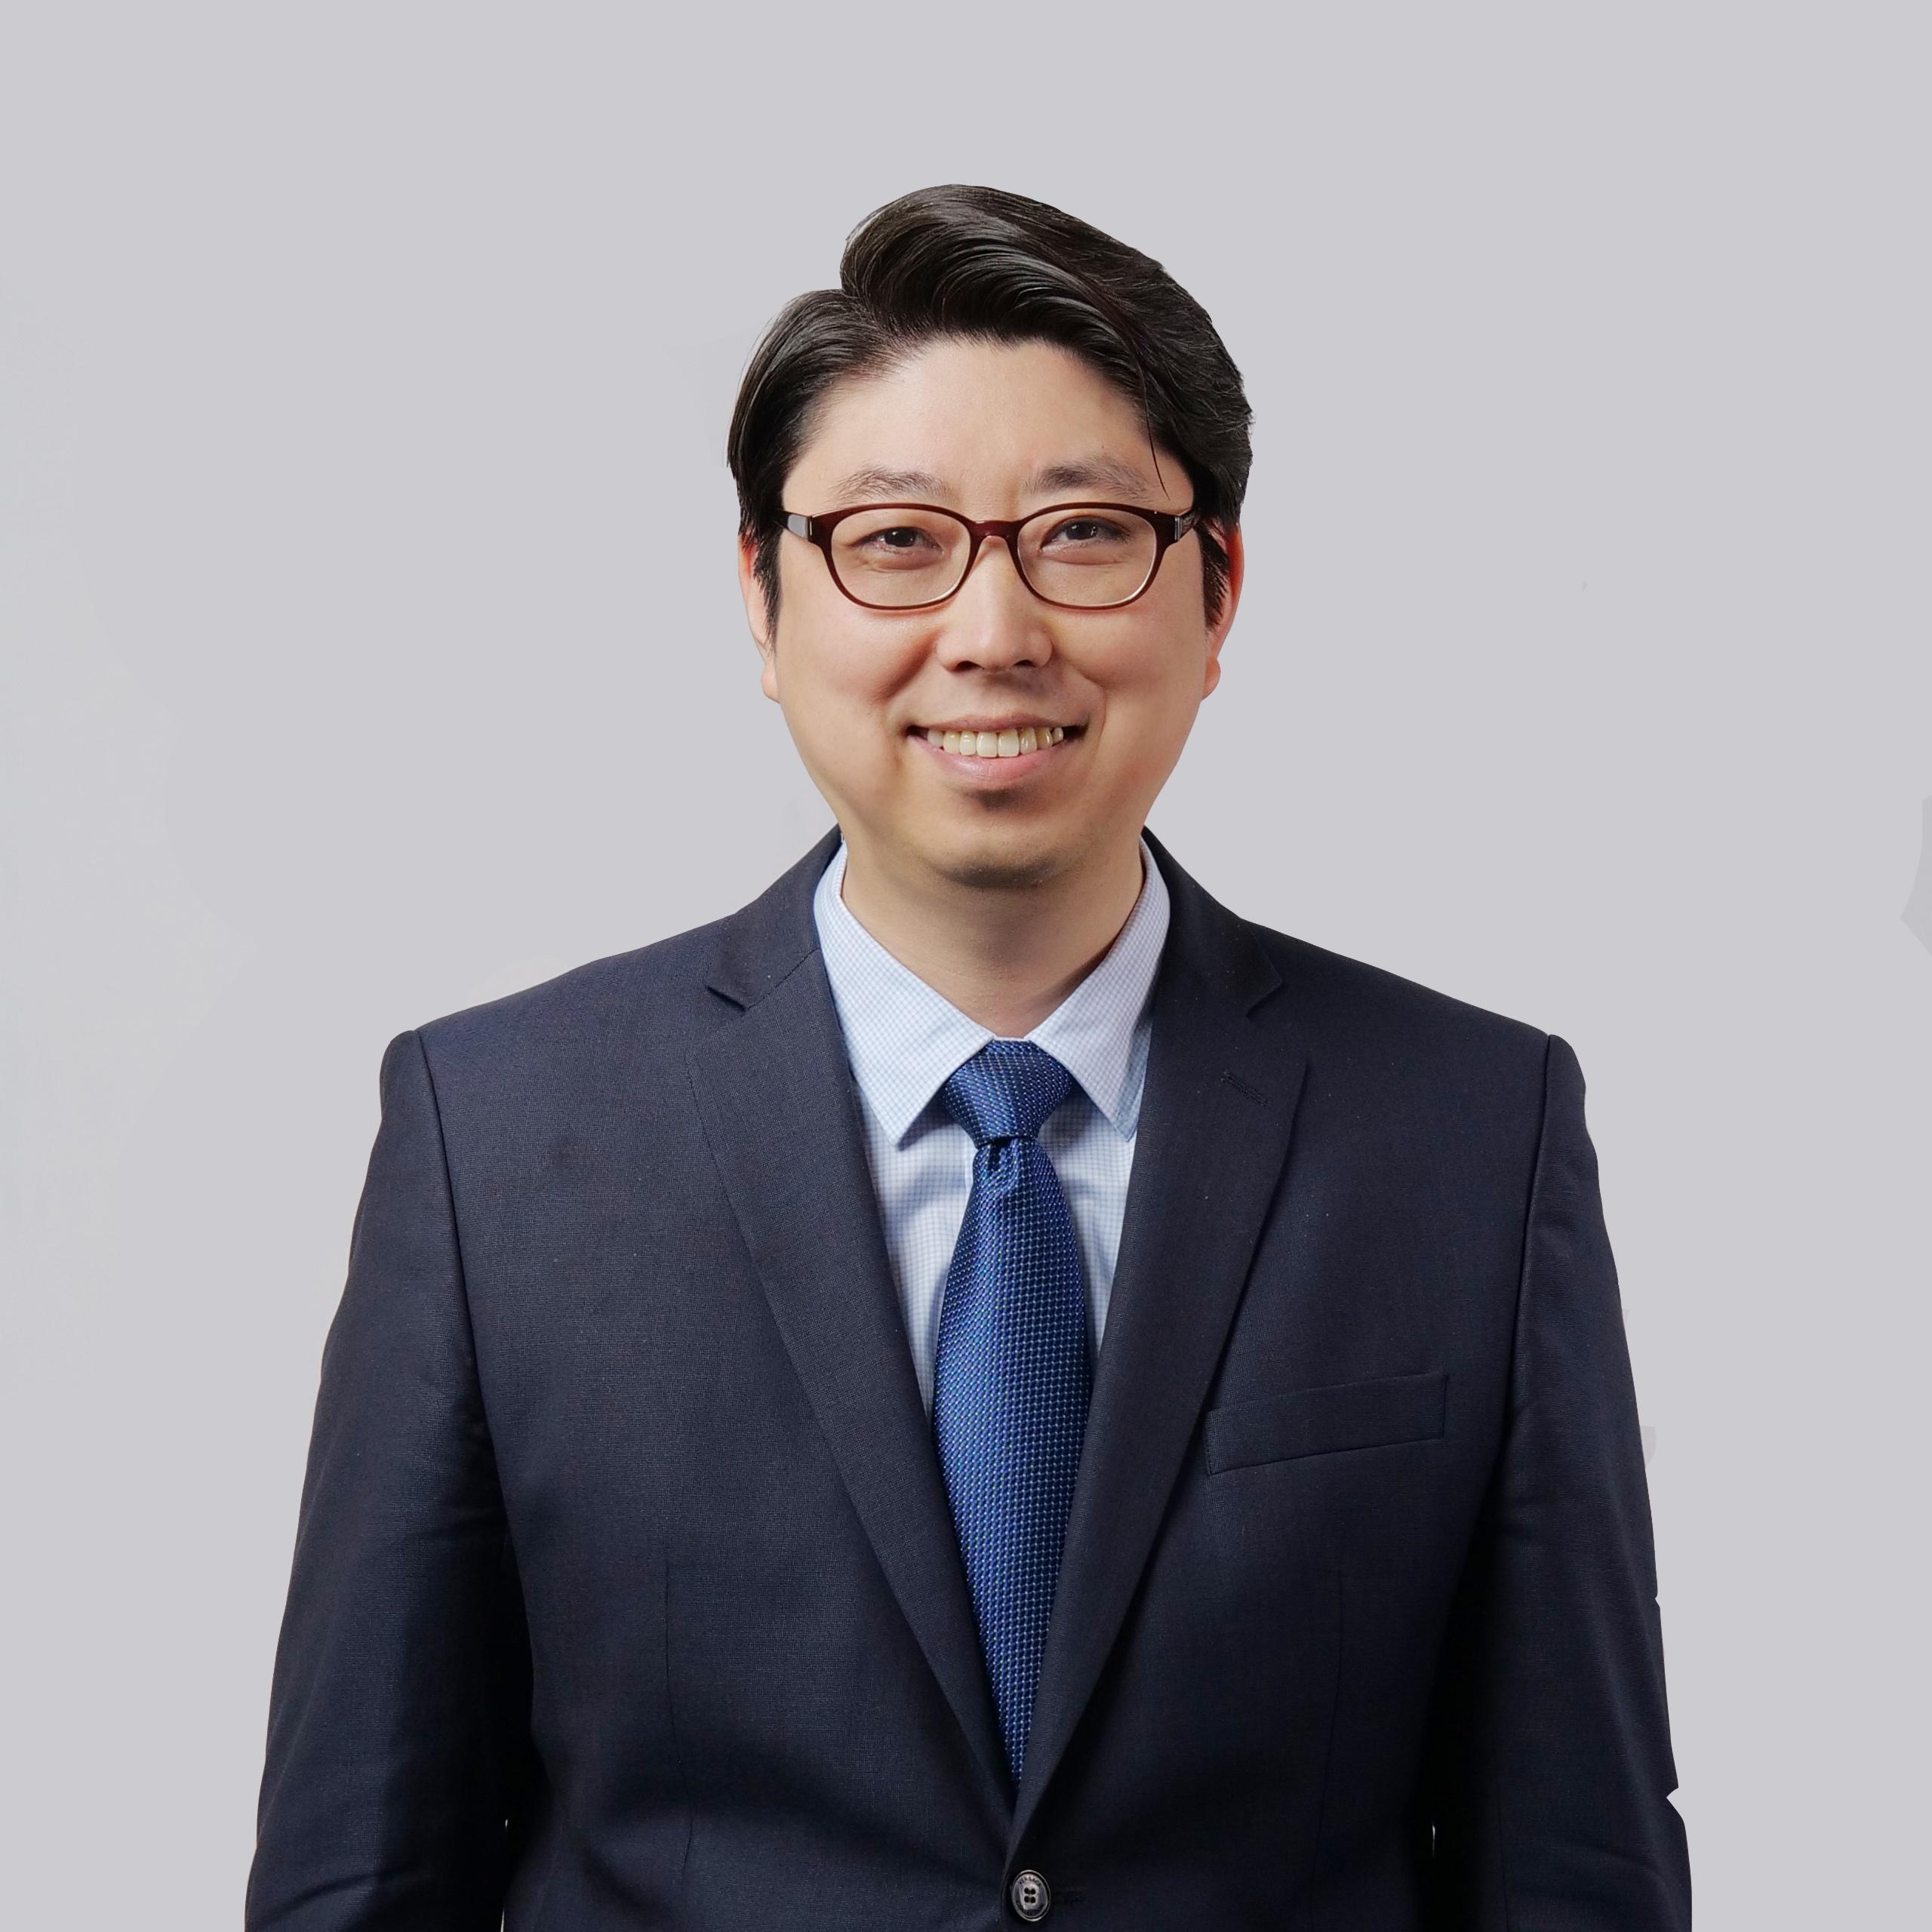 박형규 목사